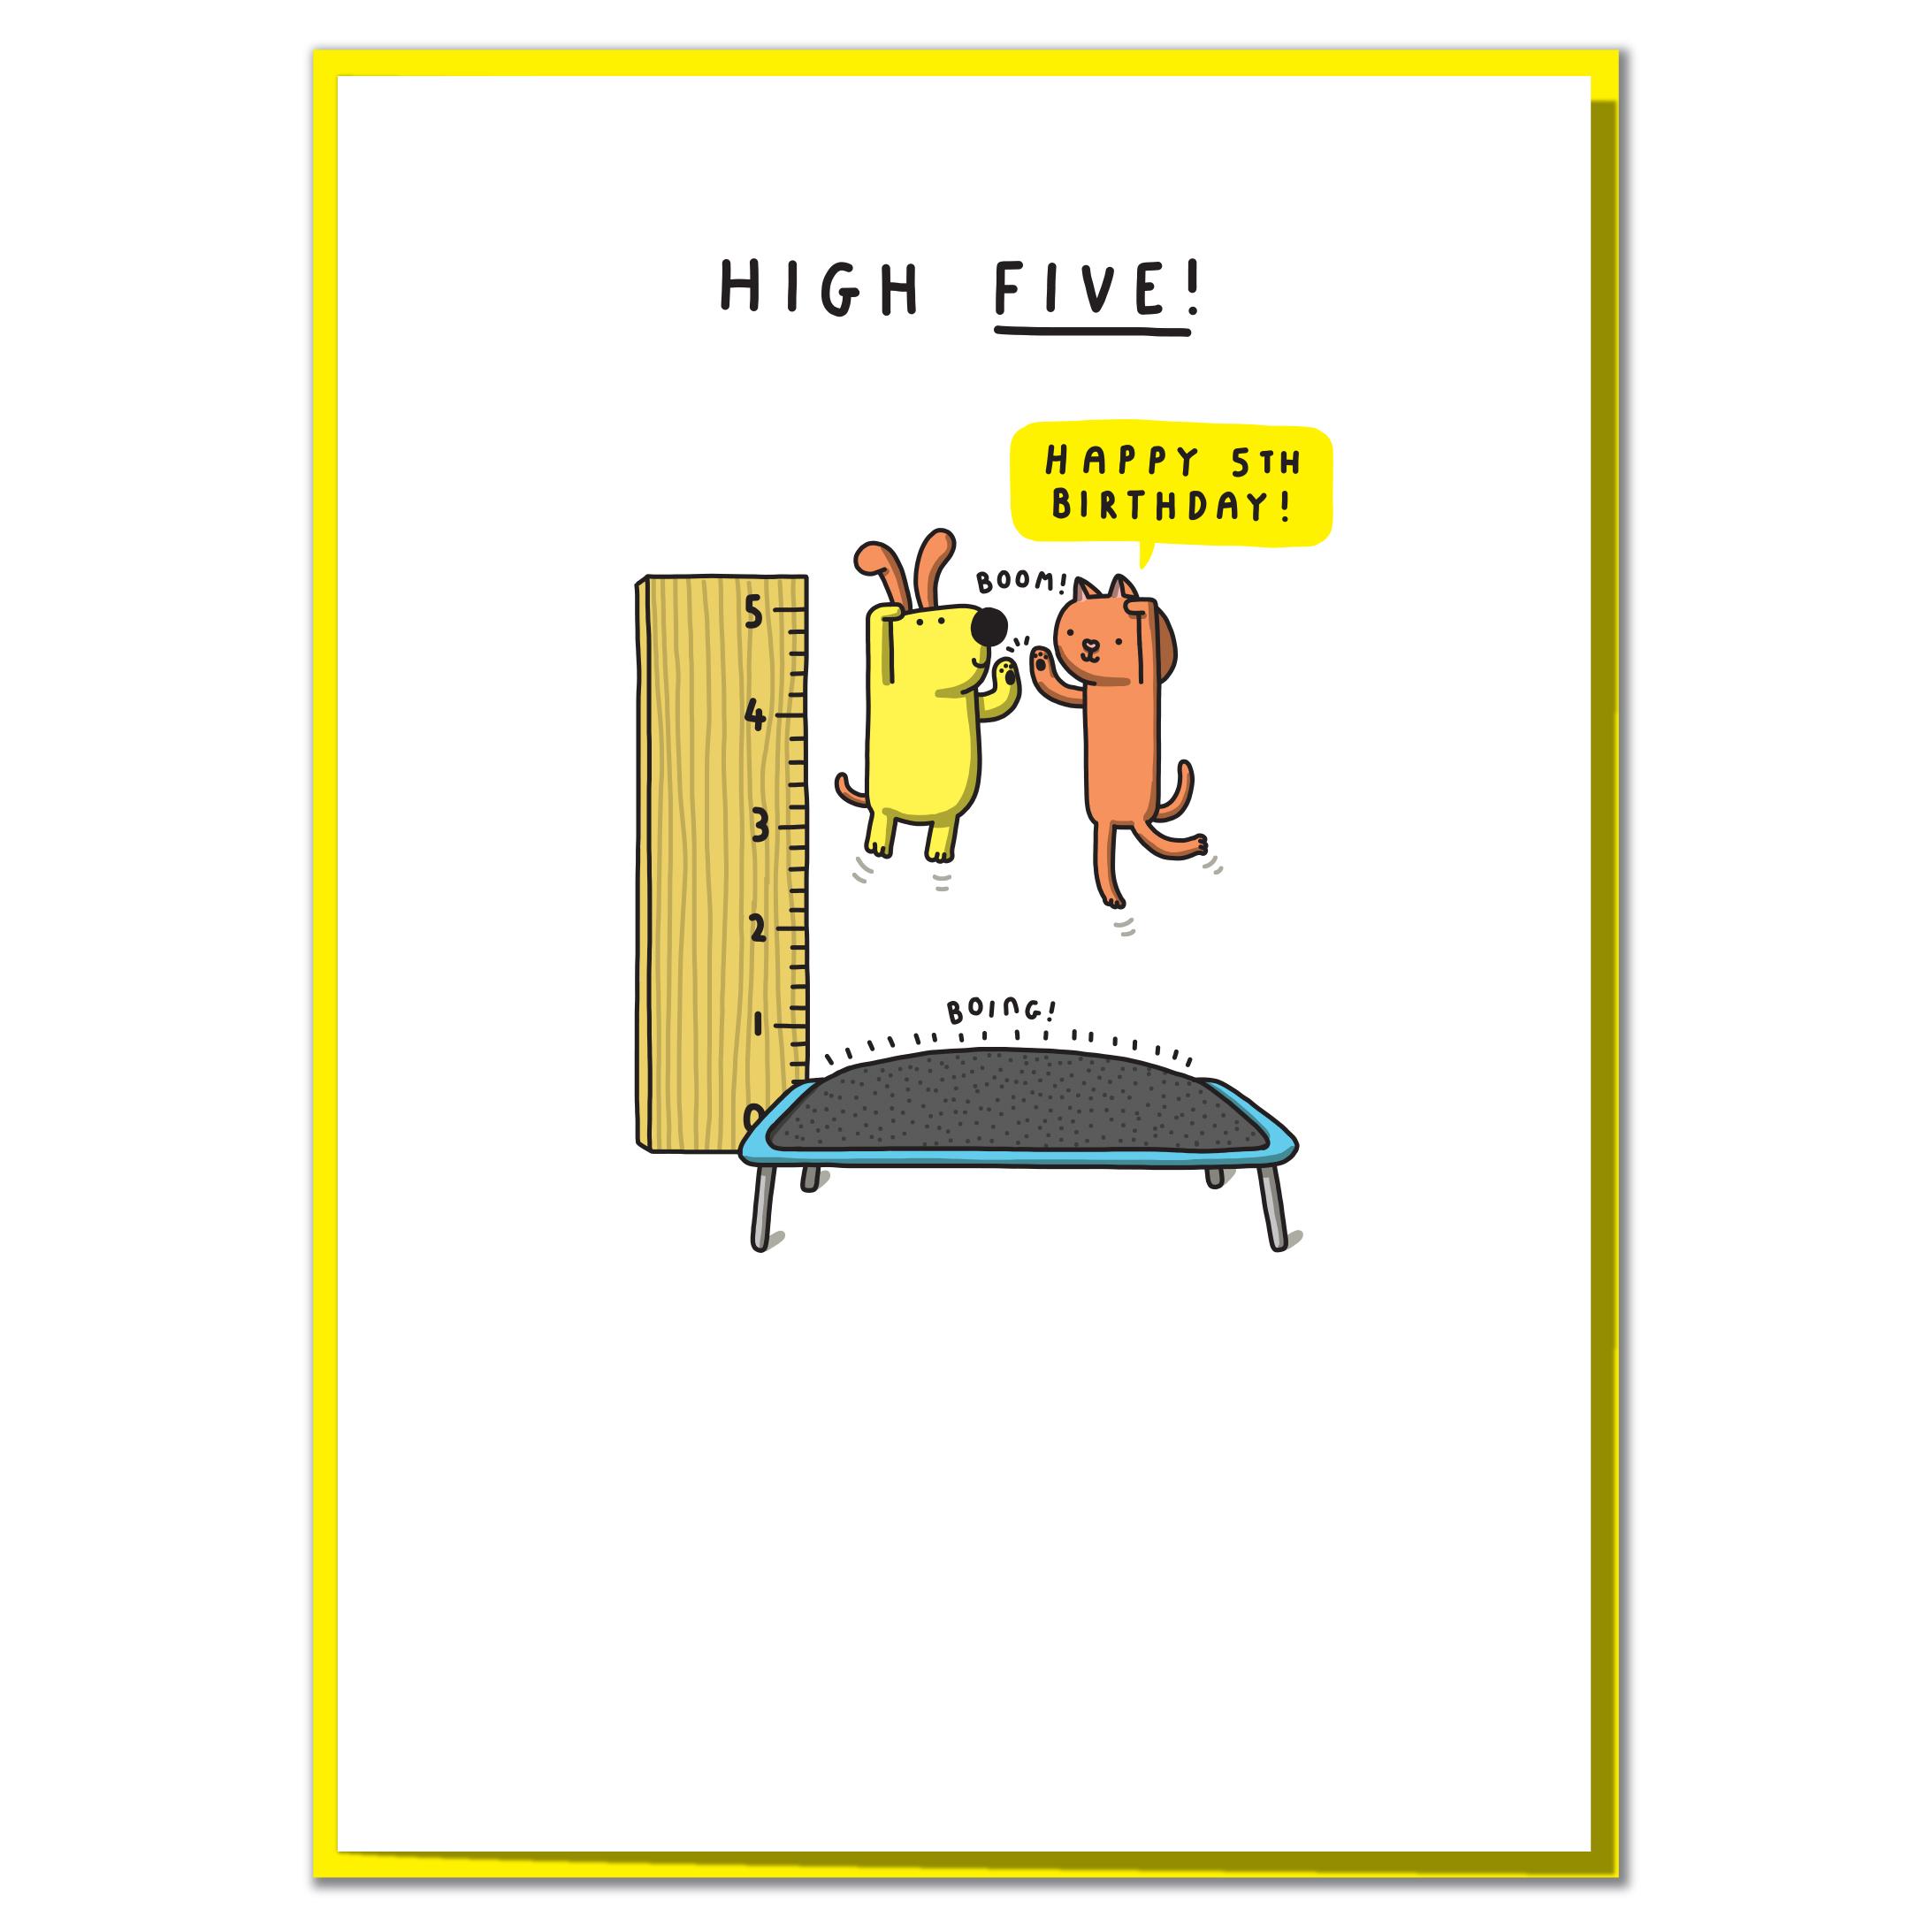 HT5 High FIVE!